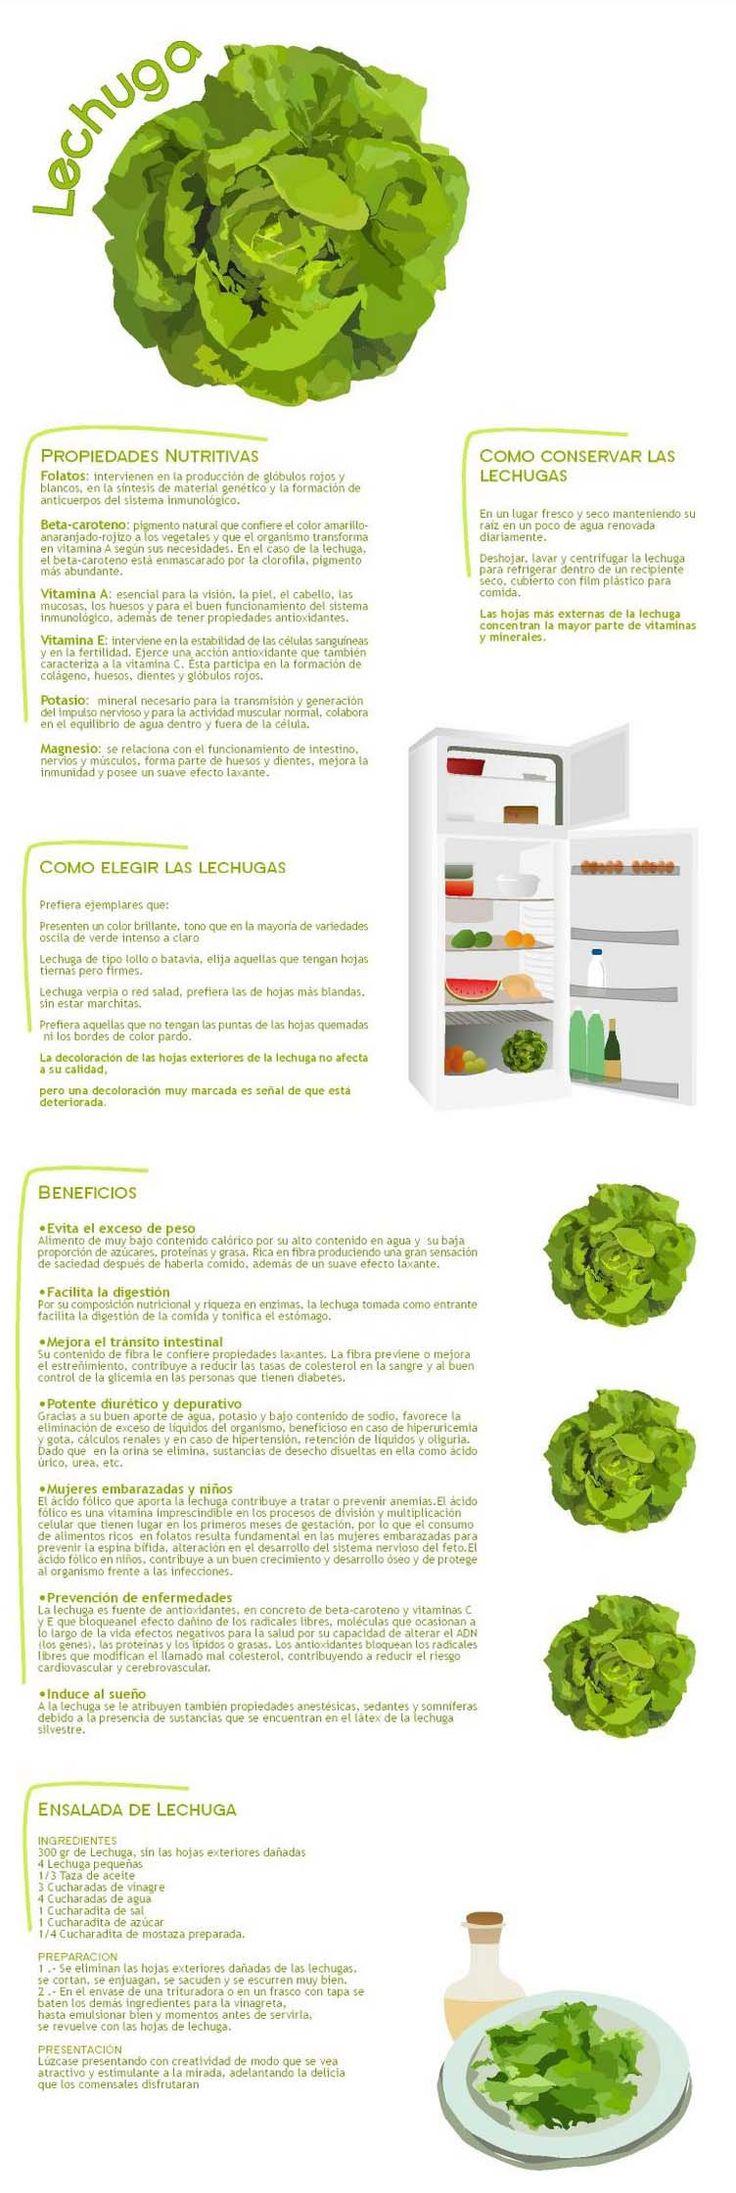 La lechuga: propiedades nutritivas y beneficios para la salud. #infografia #lechuga